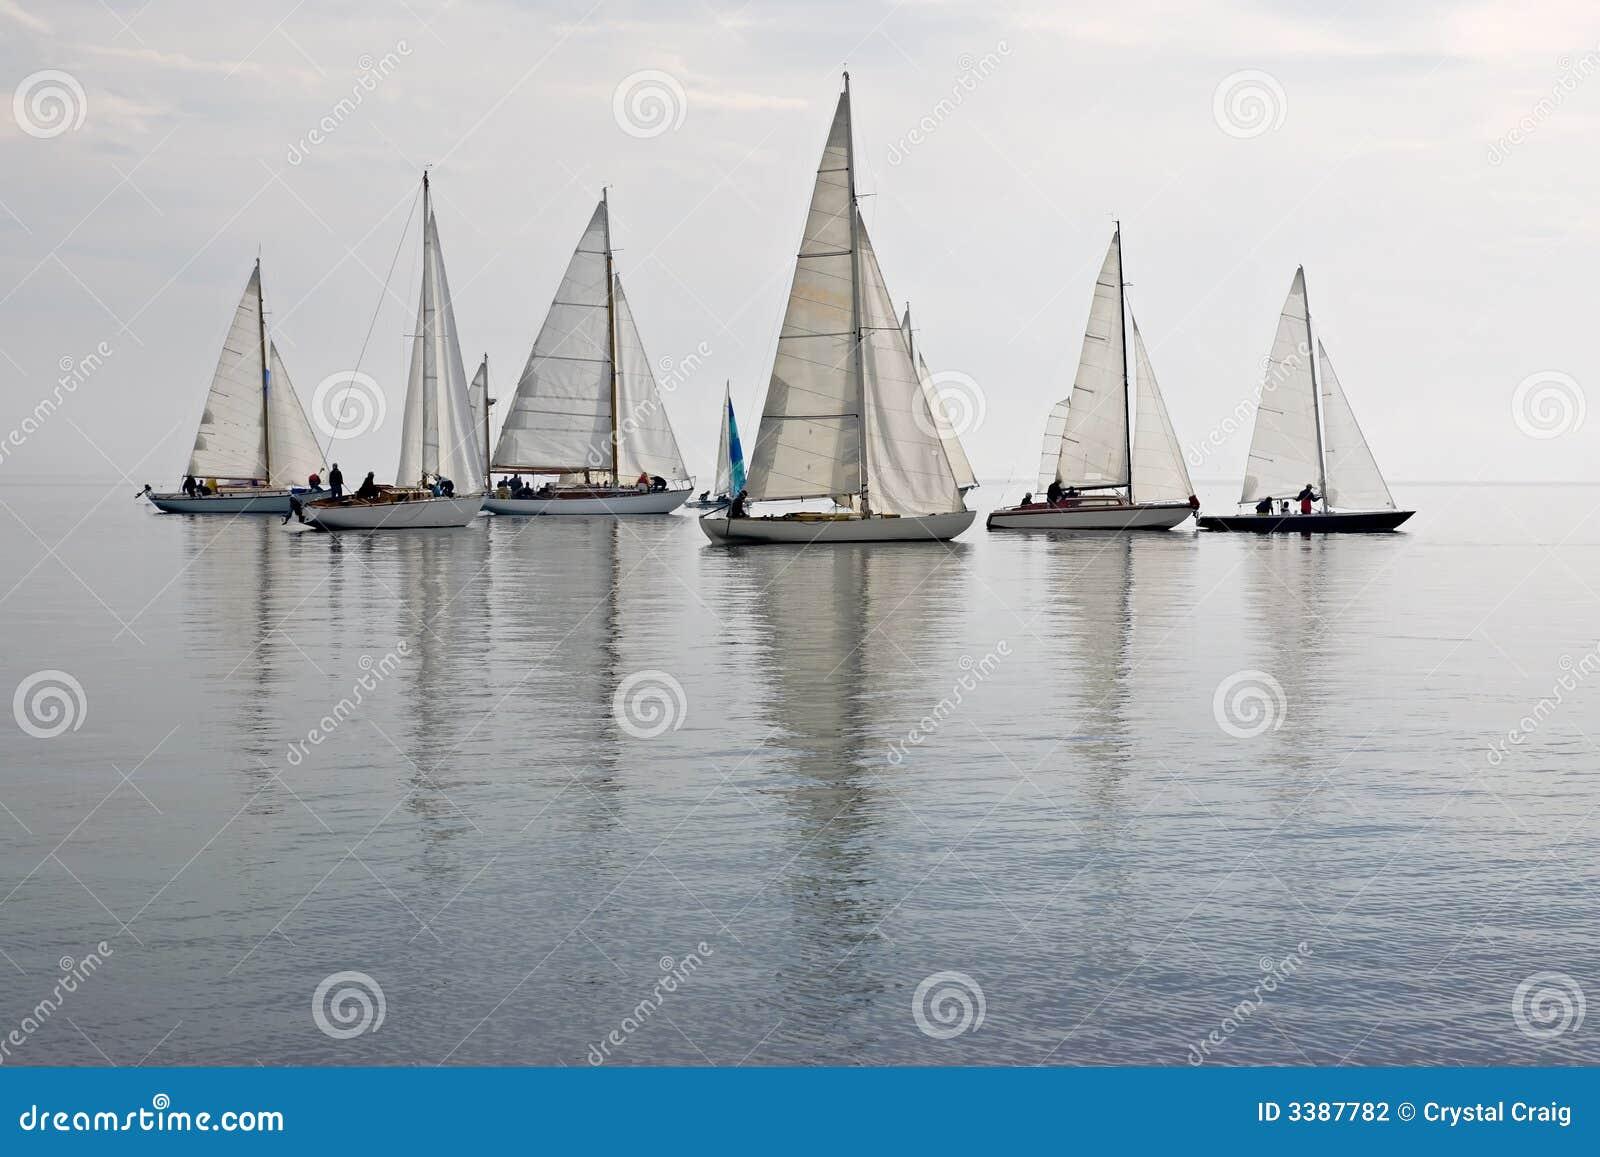 Barche a vela in acqua calma